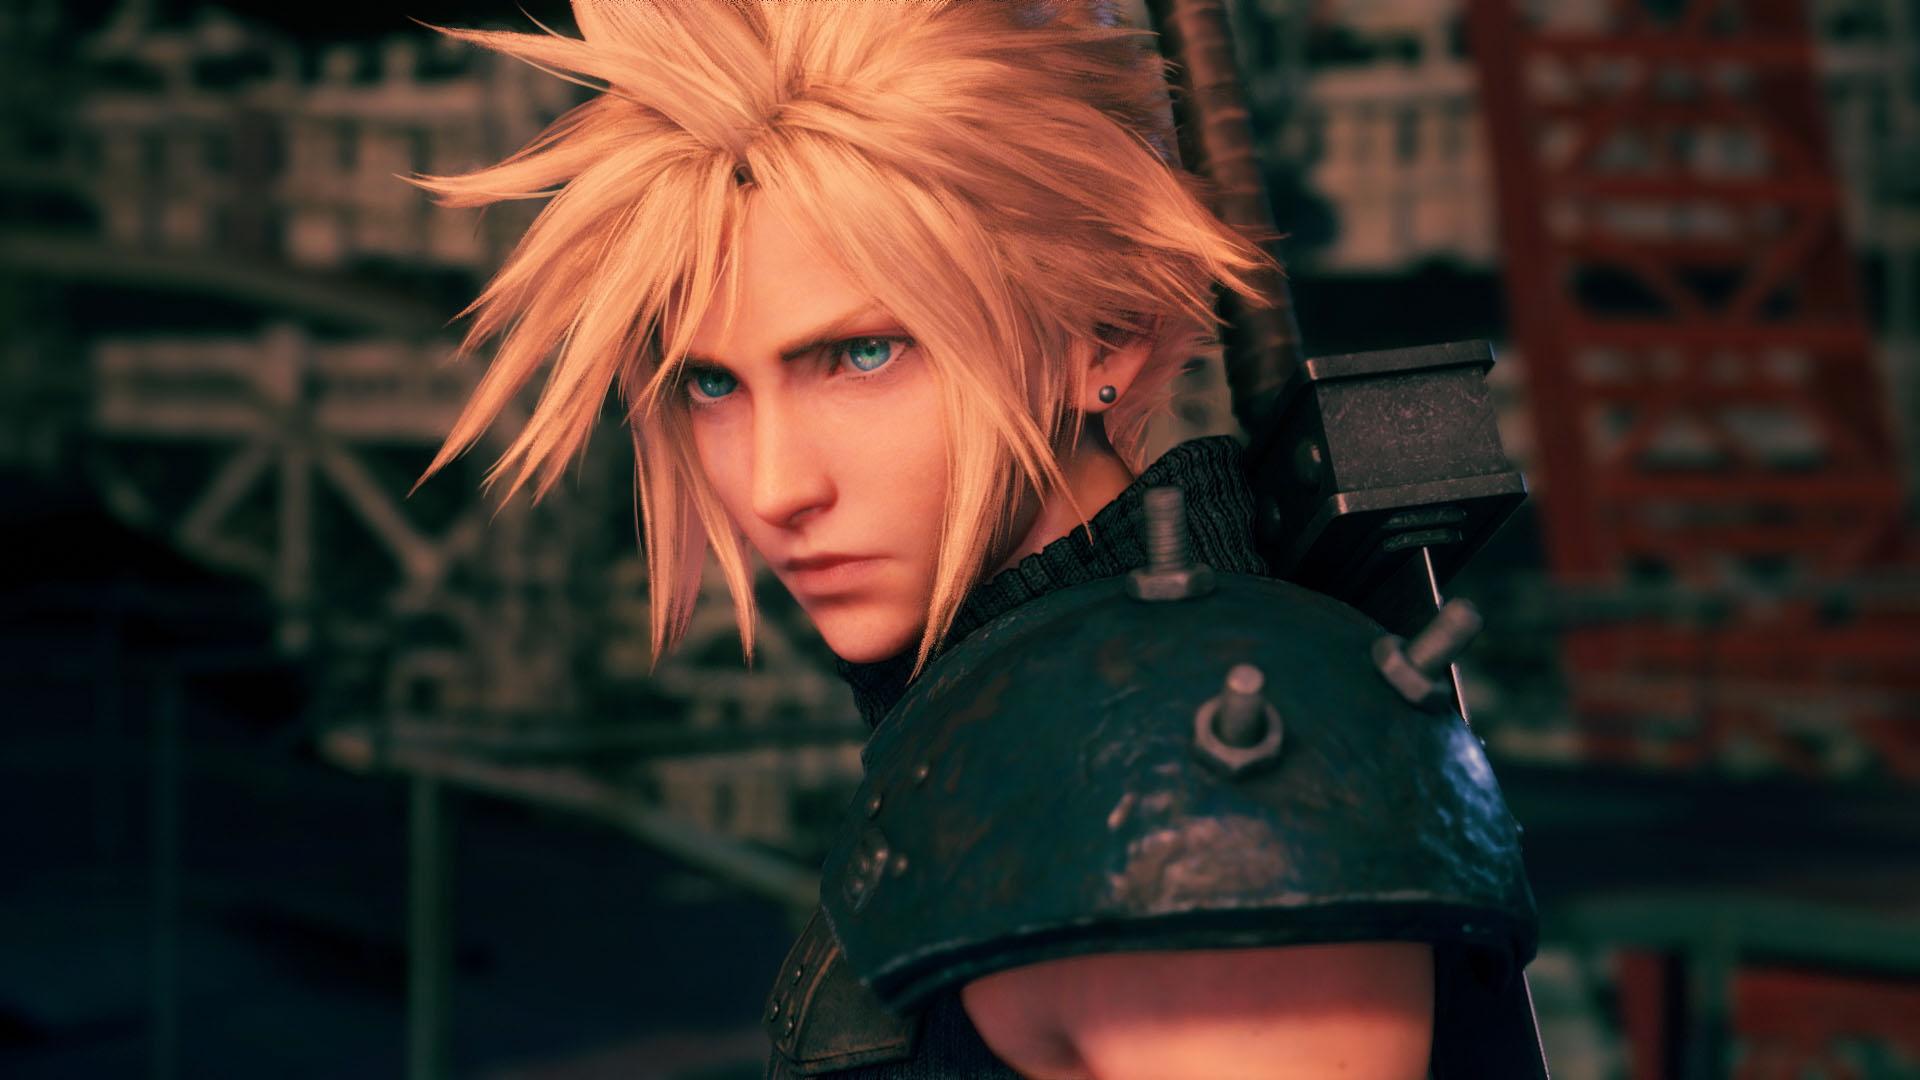 Final Fantasy VII Remake Ultimania – Approfondire i personaggi (intervista agli sviluppatori, parte 3)